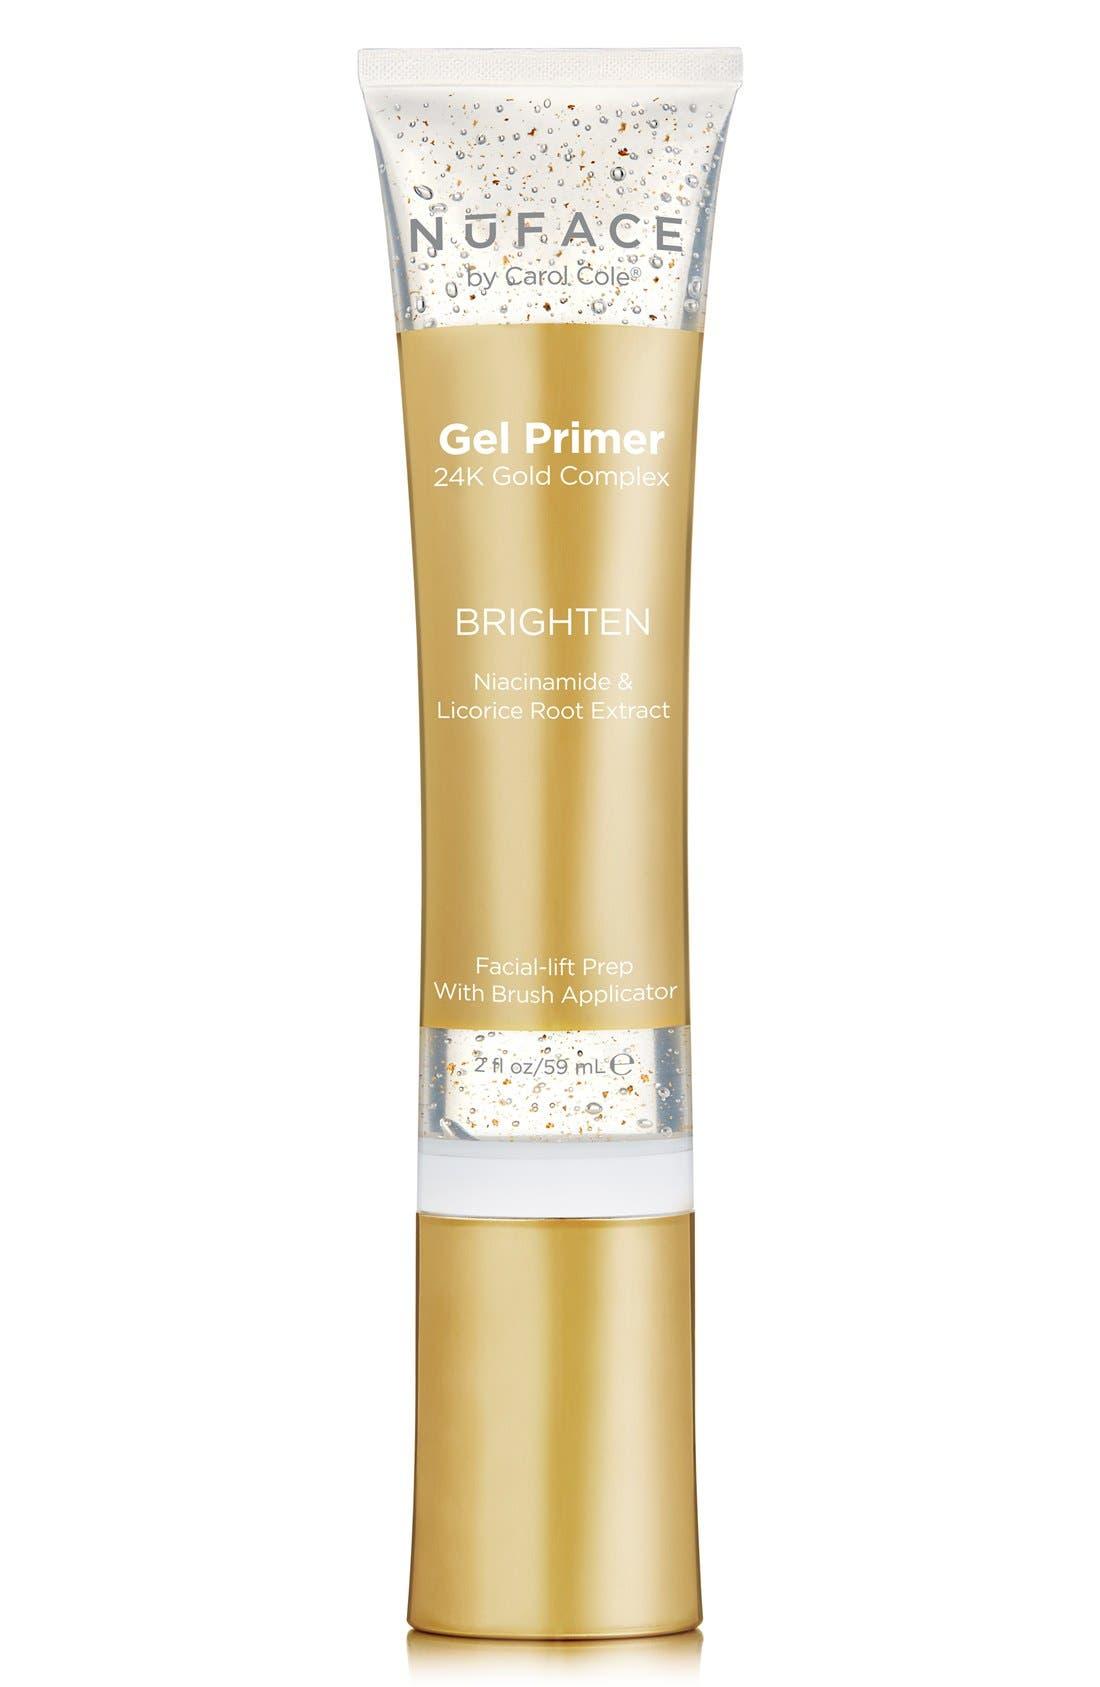 NuFACE® Gel Primer 24K Gold Complex Brighten